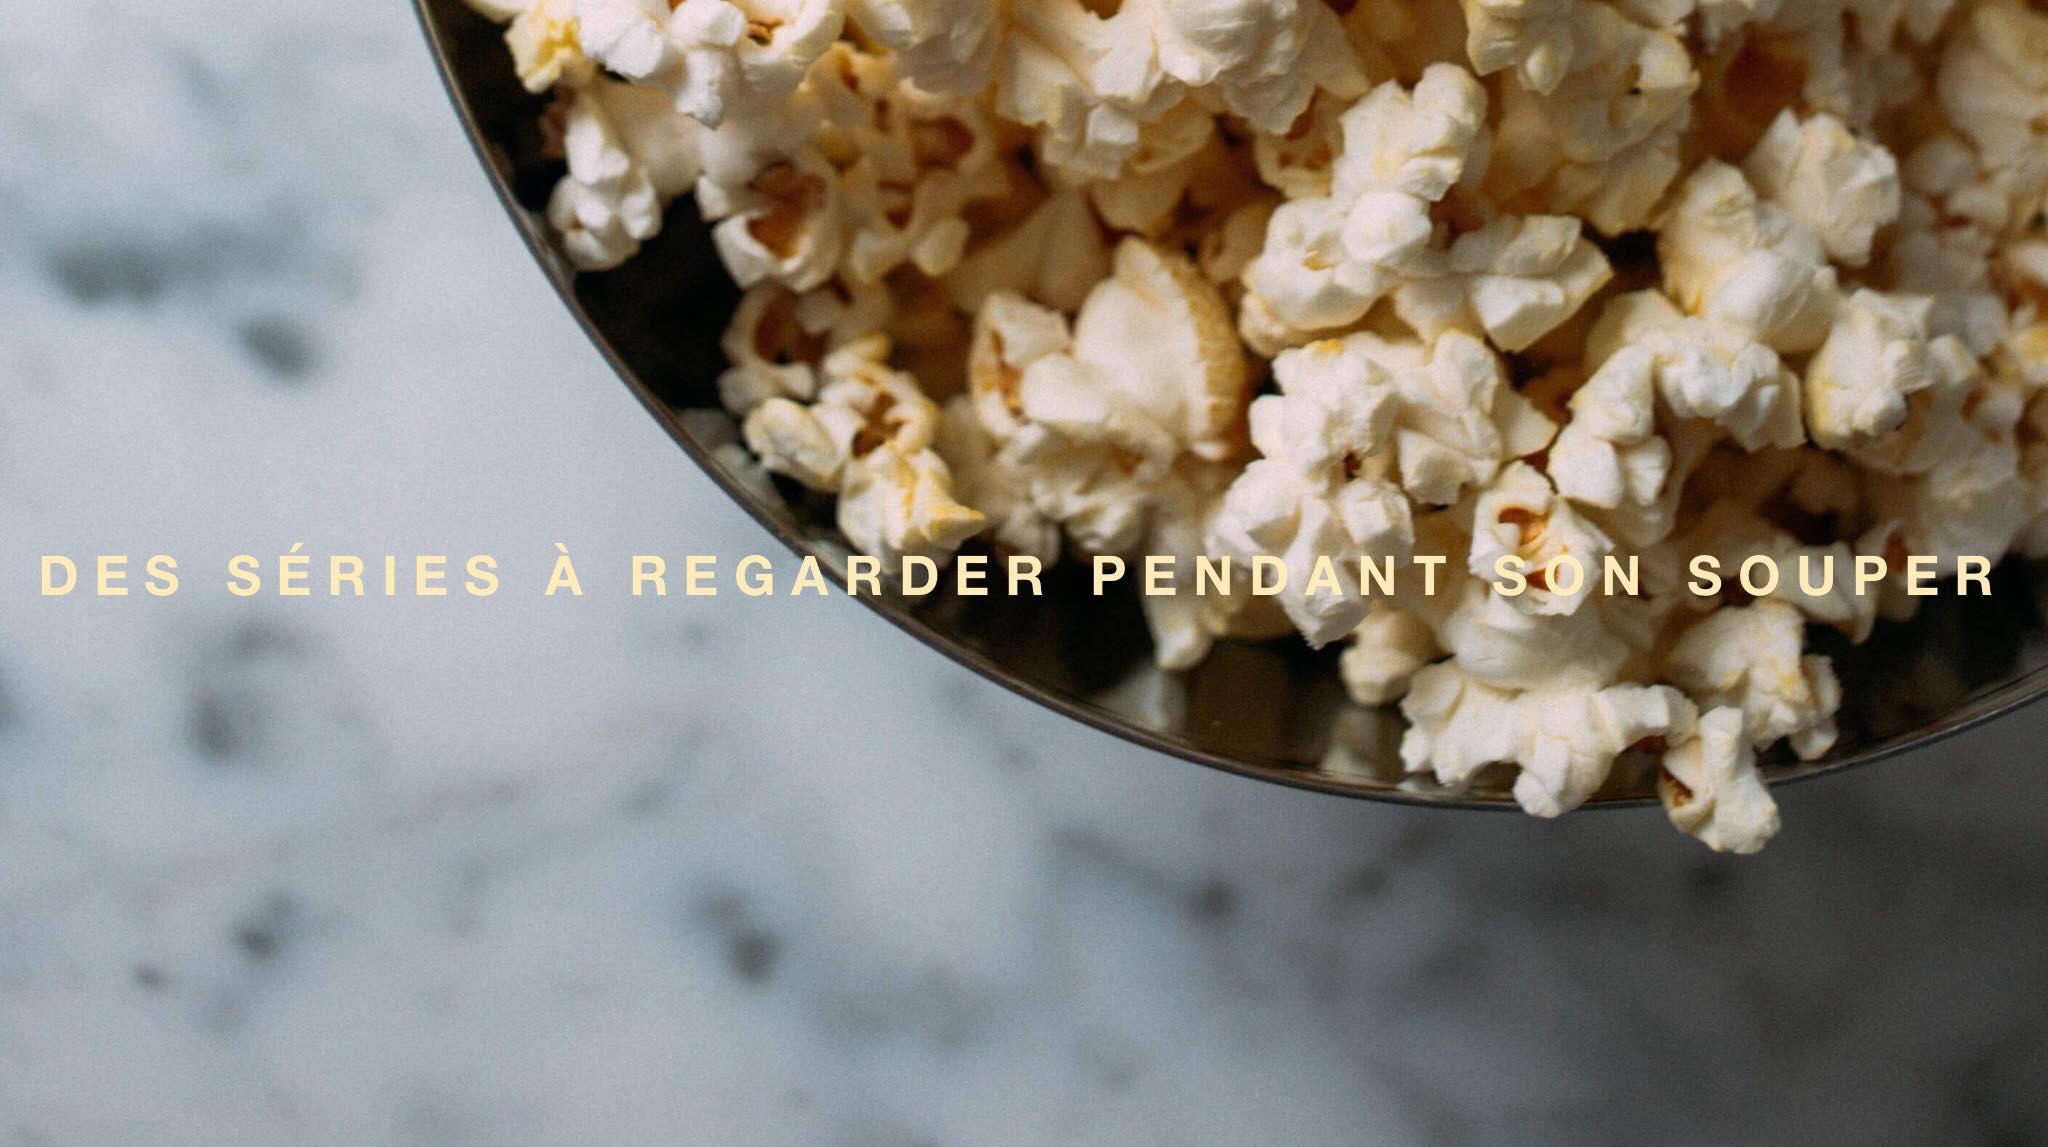 Ariane vous suggère de bonnes séries à regarder sur Netflix pendant le souper.